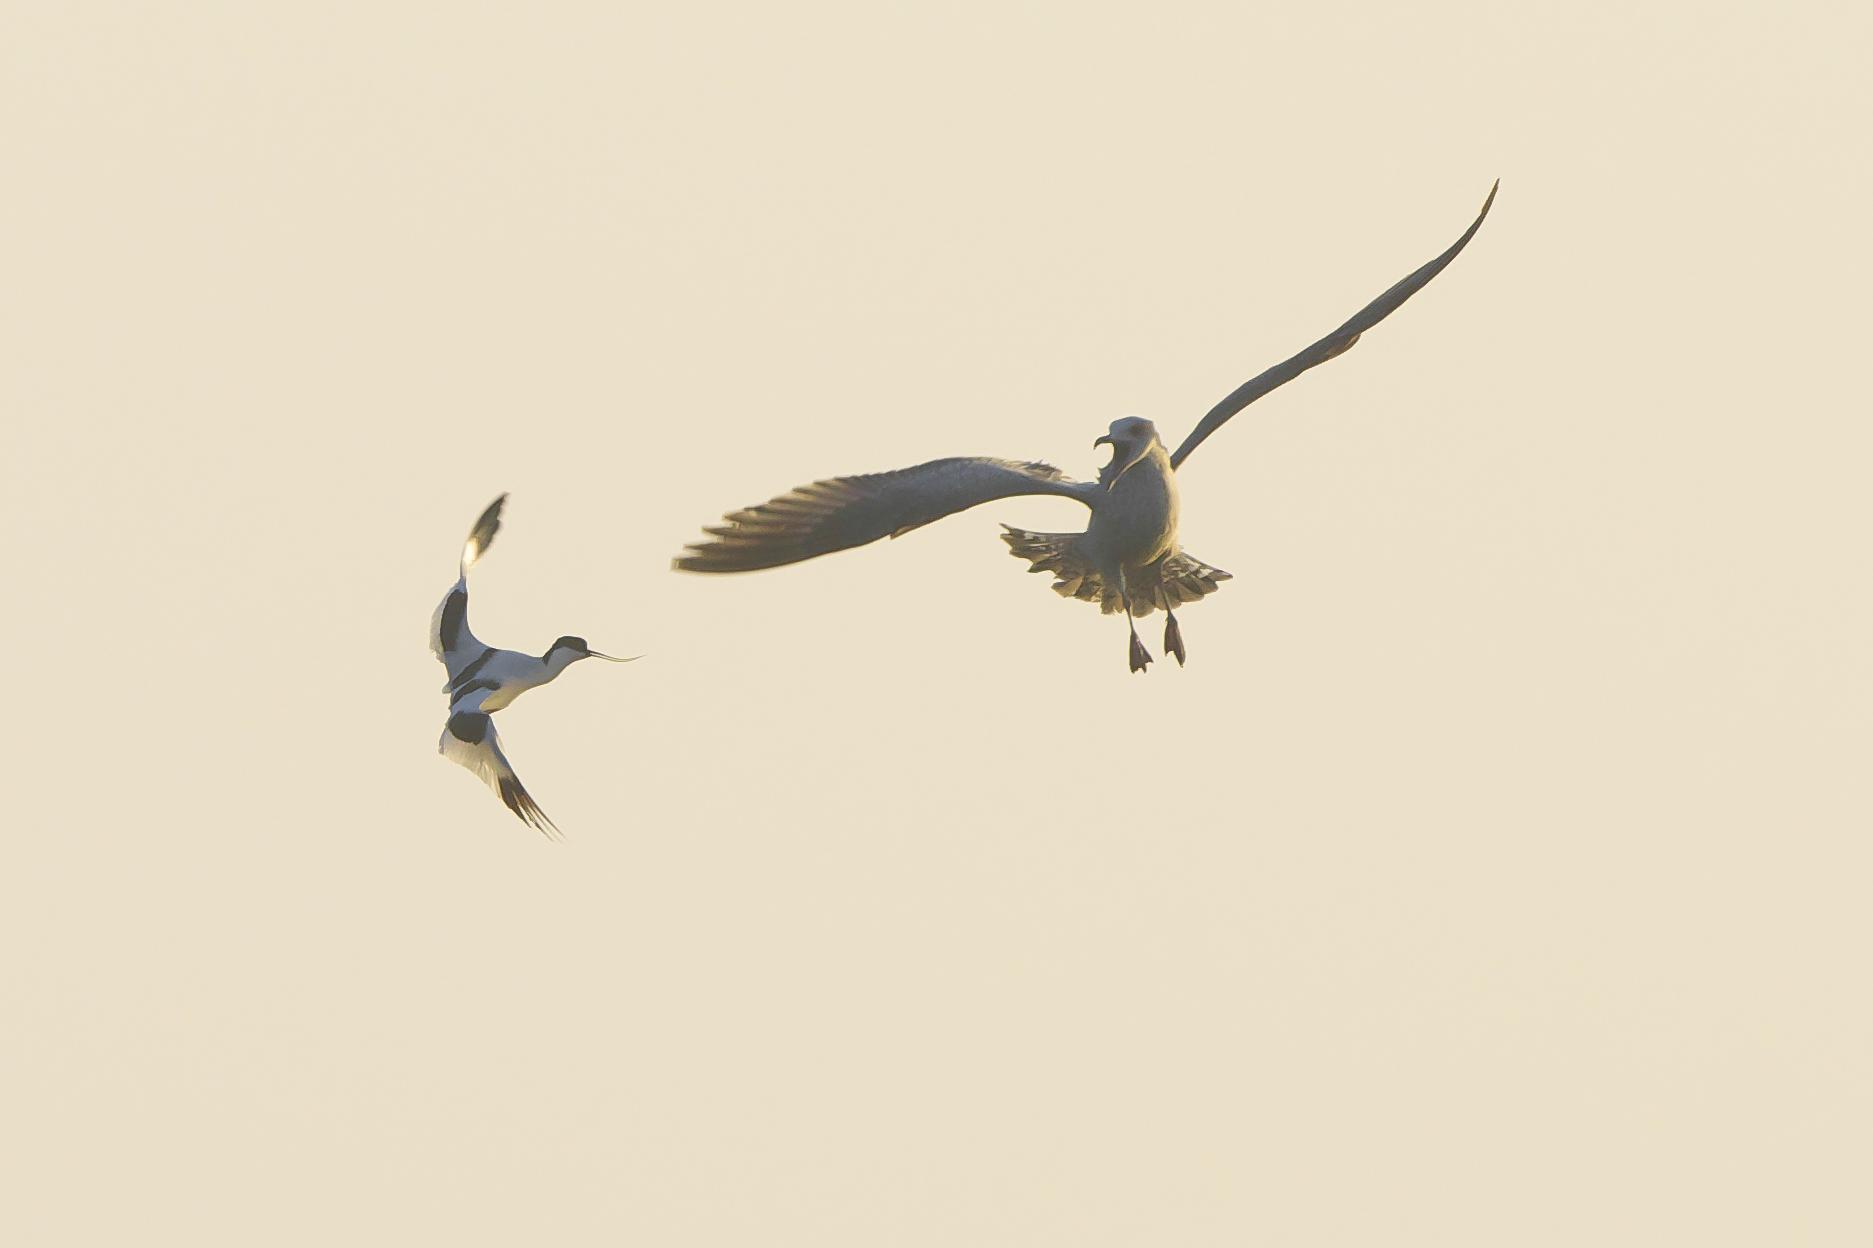 Avocet and gull at Kilnsea Wetlands